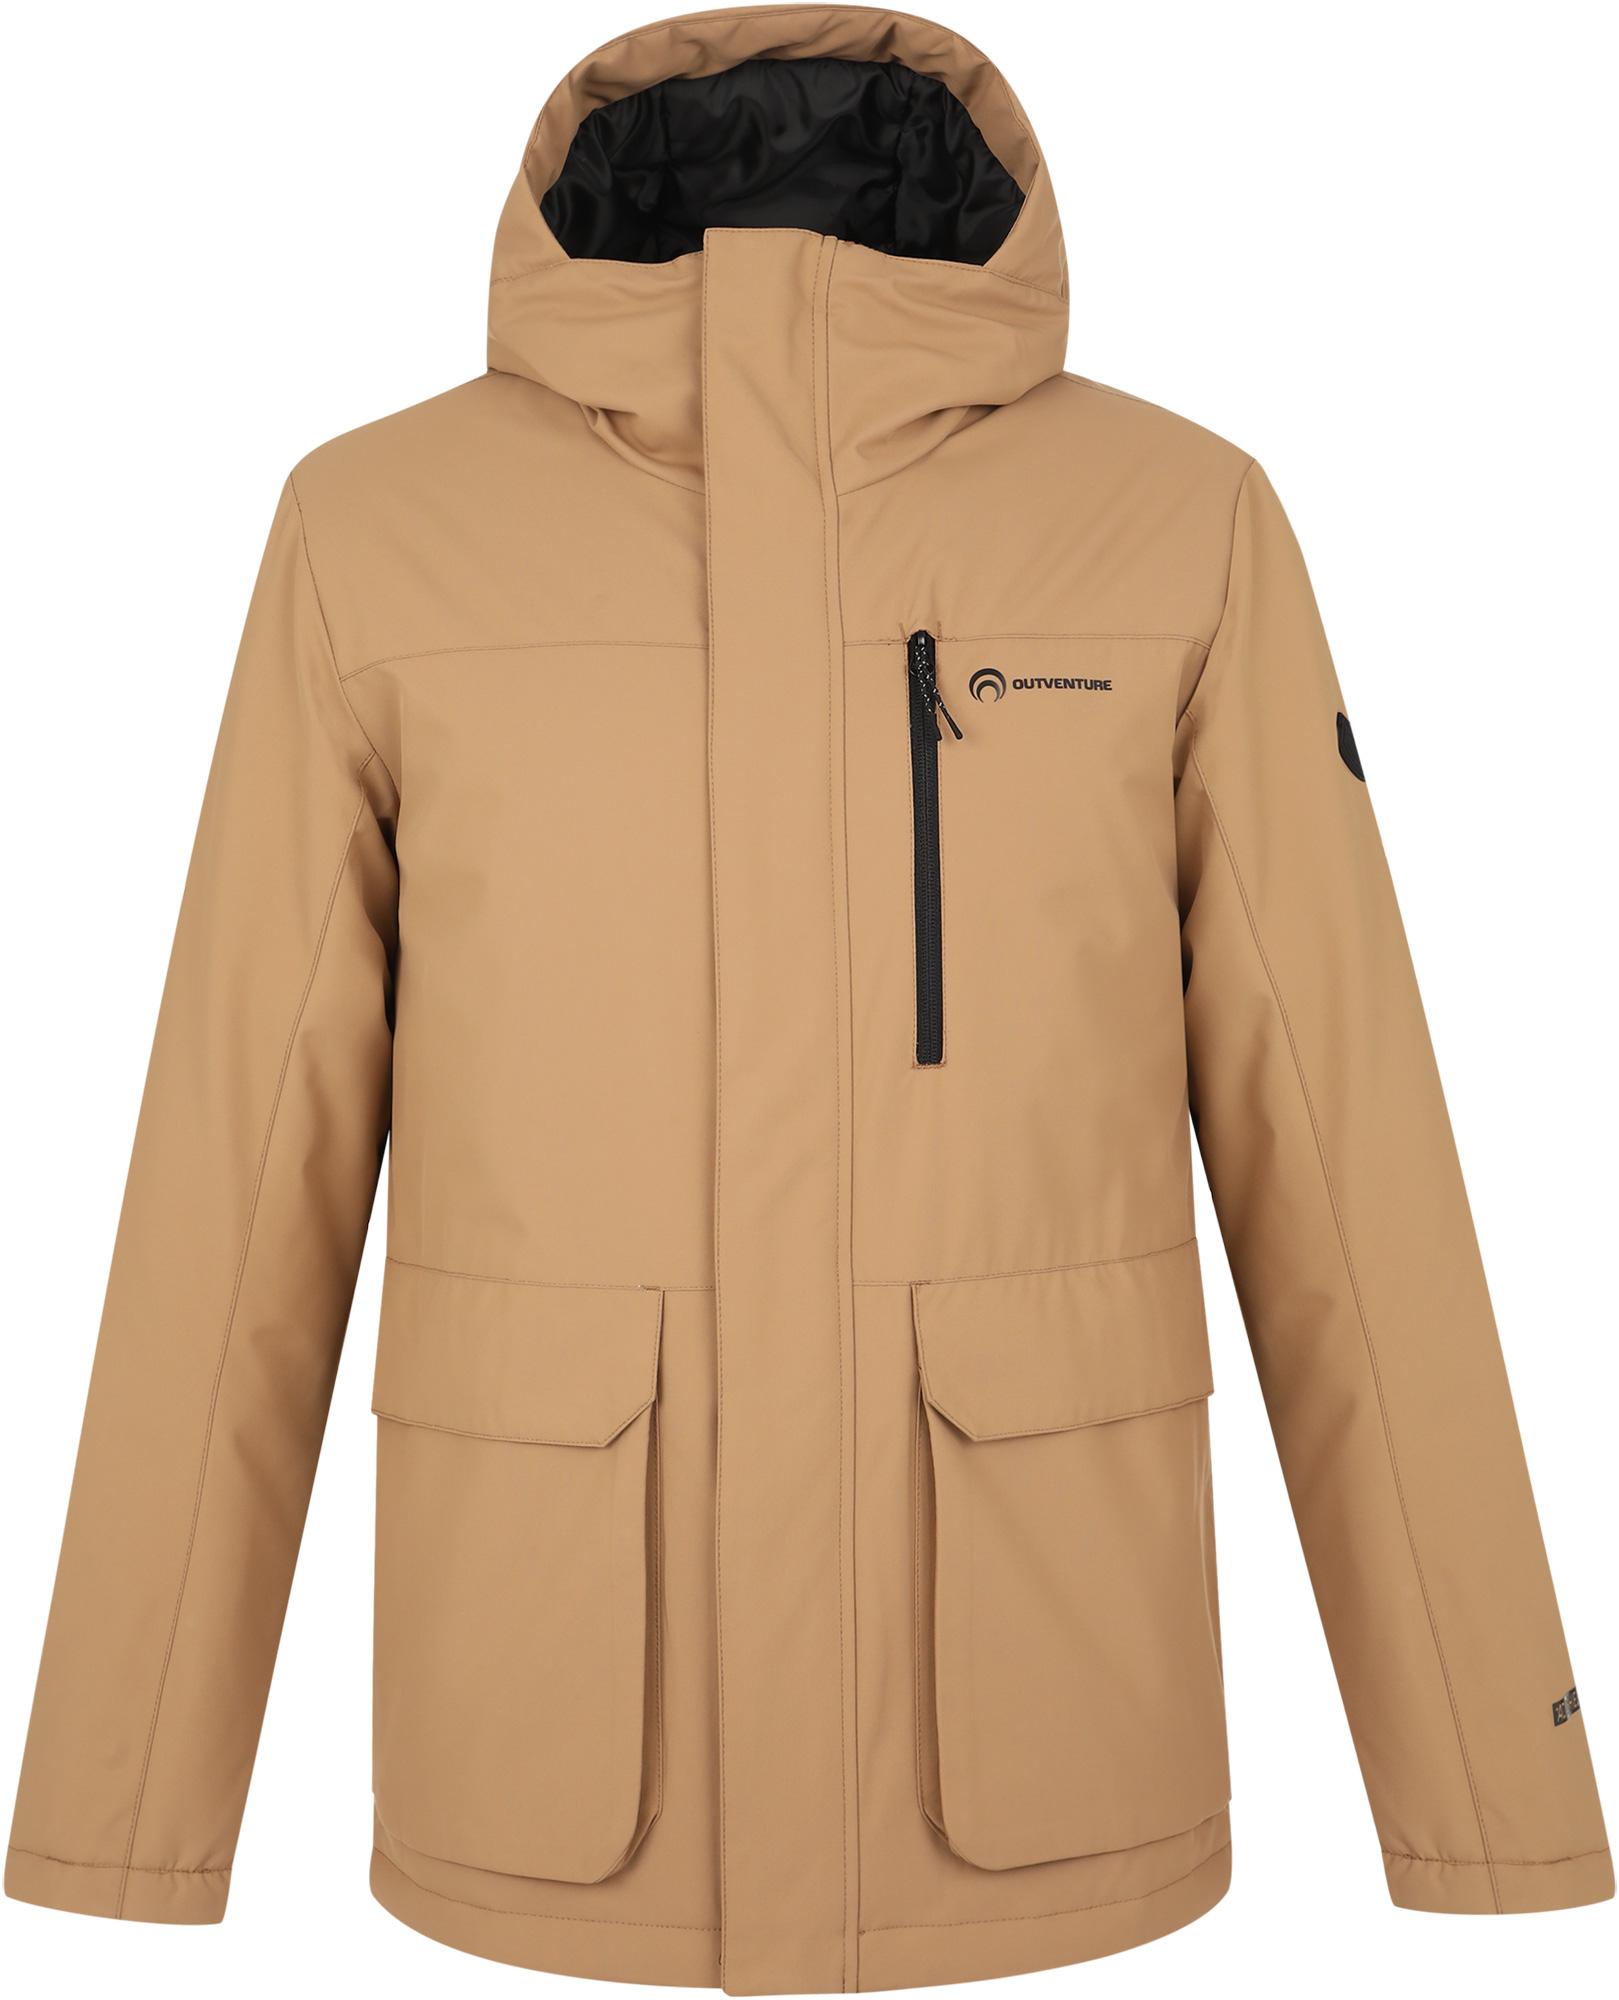 Фото - Outventure Куртка утепленная мужская Outventure, размер 46 outventure куртка утепленная мужская outventure размер 50